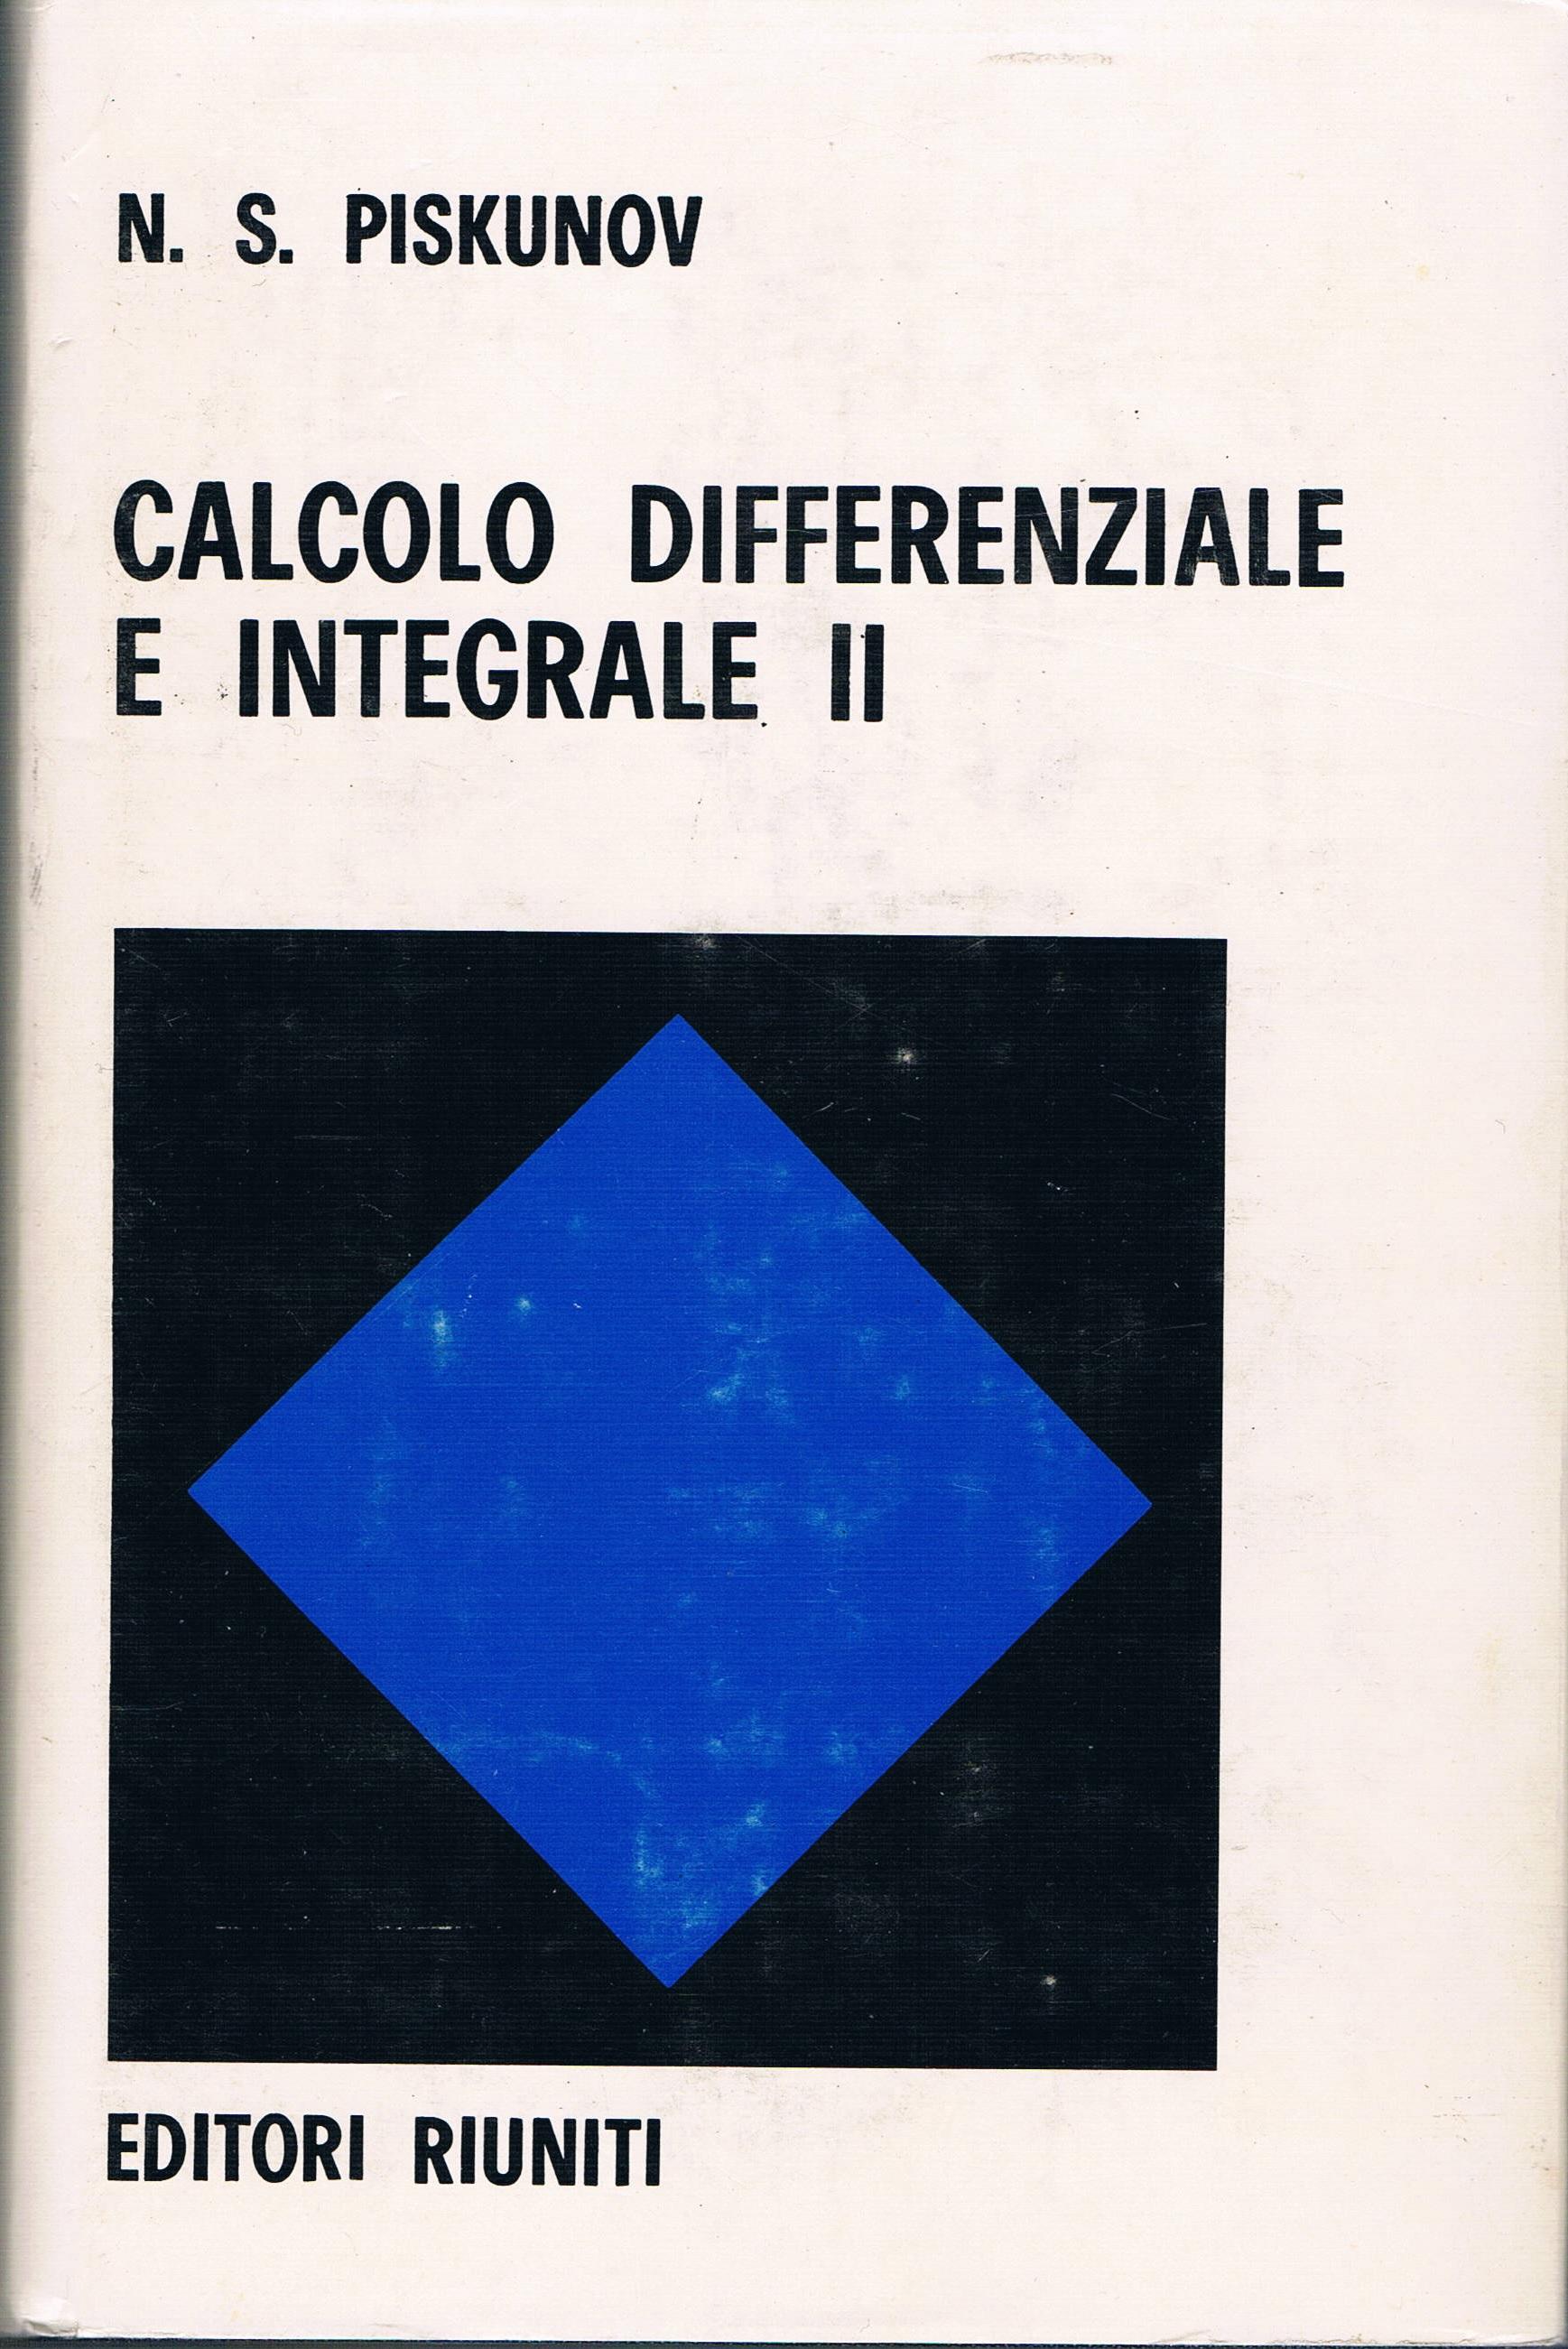 Calcolo differenziale e integrale II